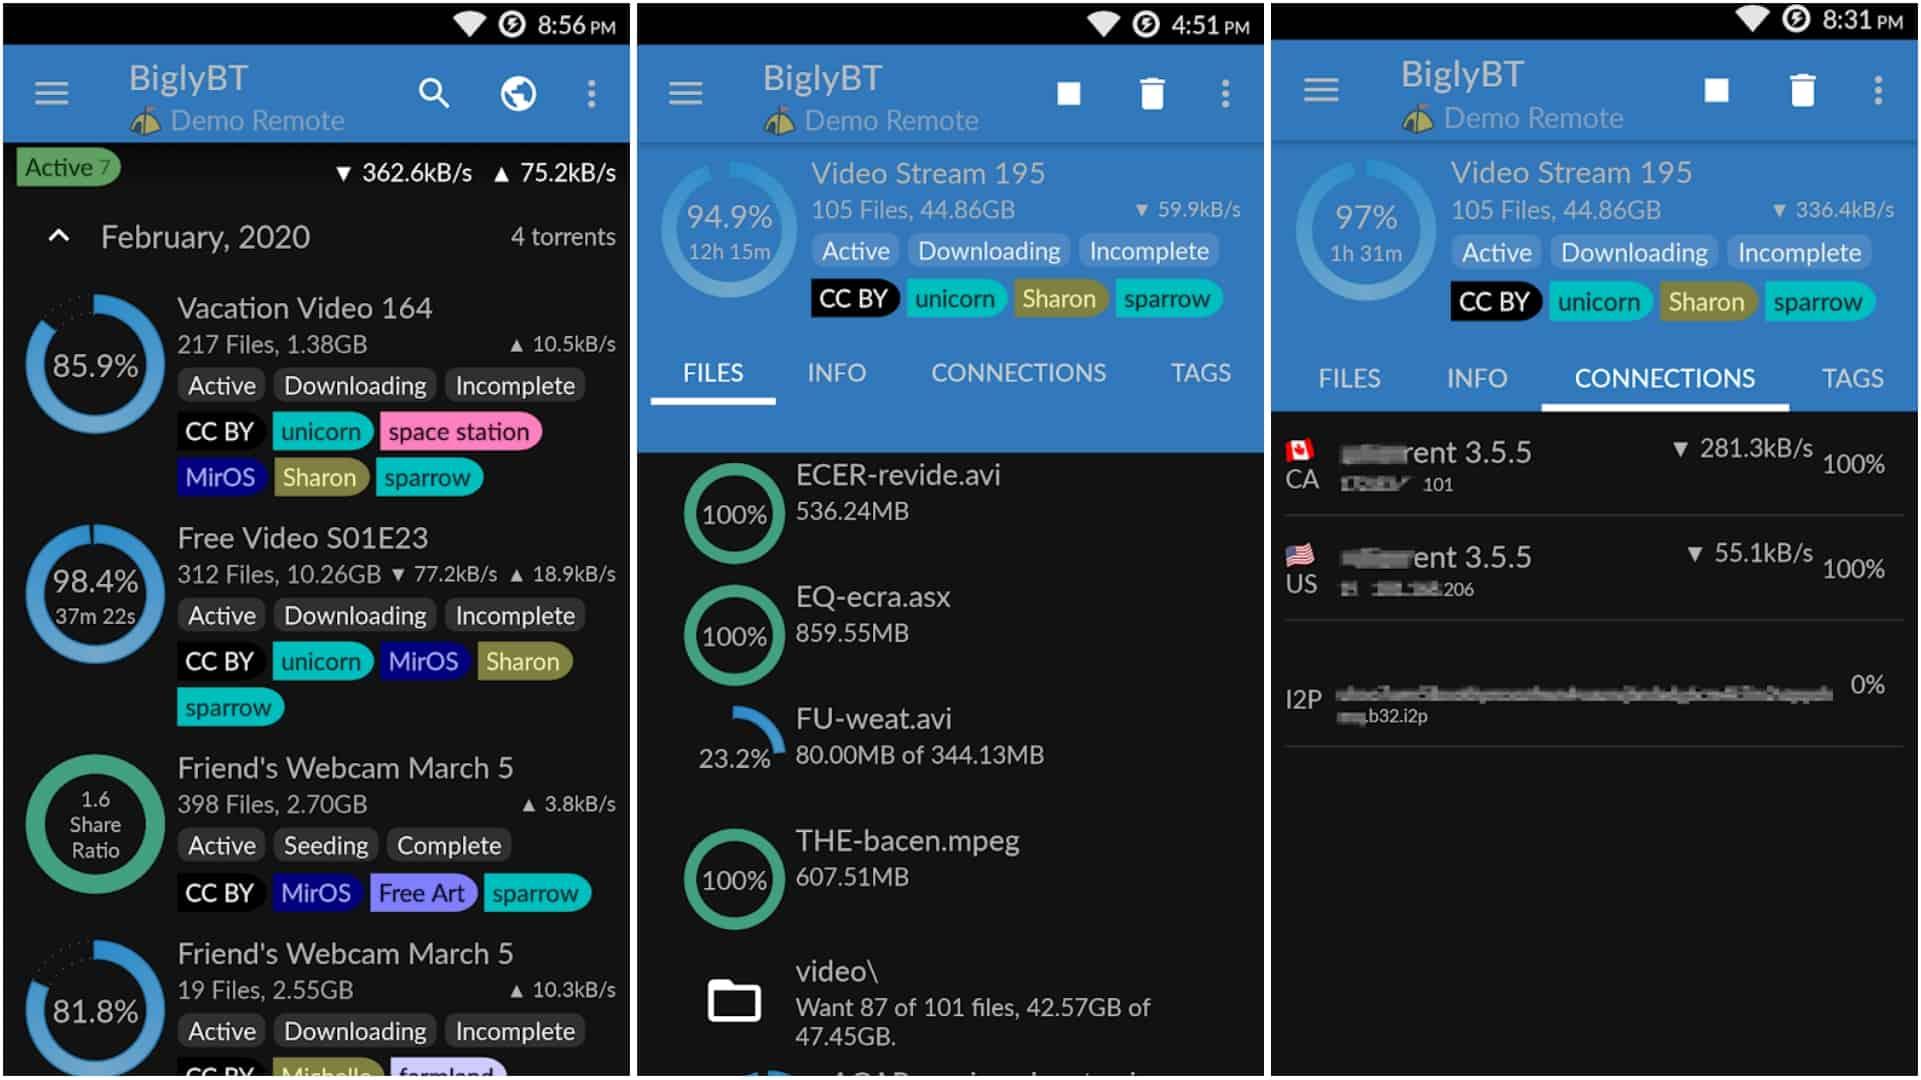 Сетка приложения BiglyBT